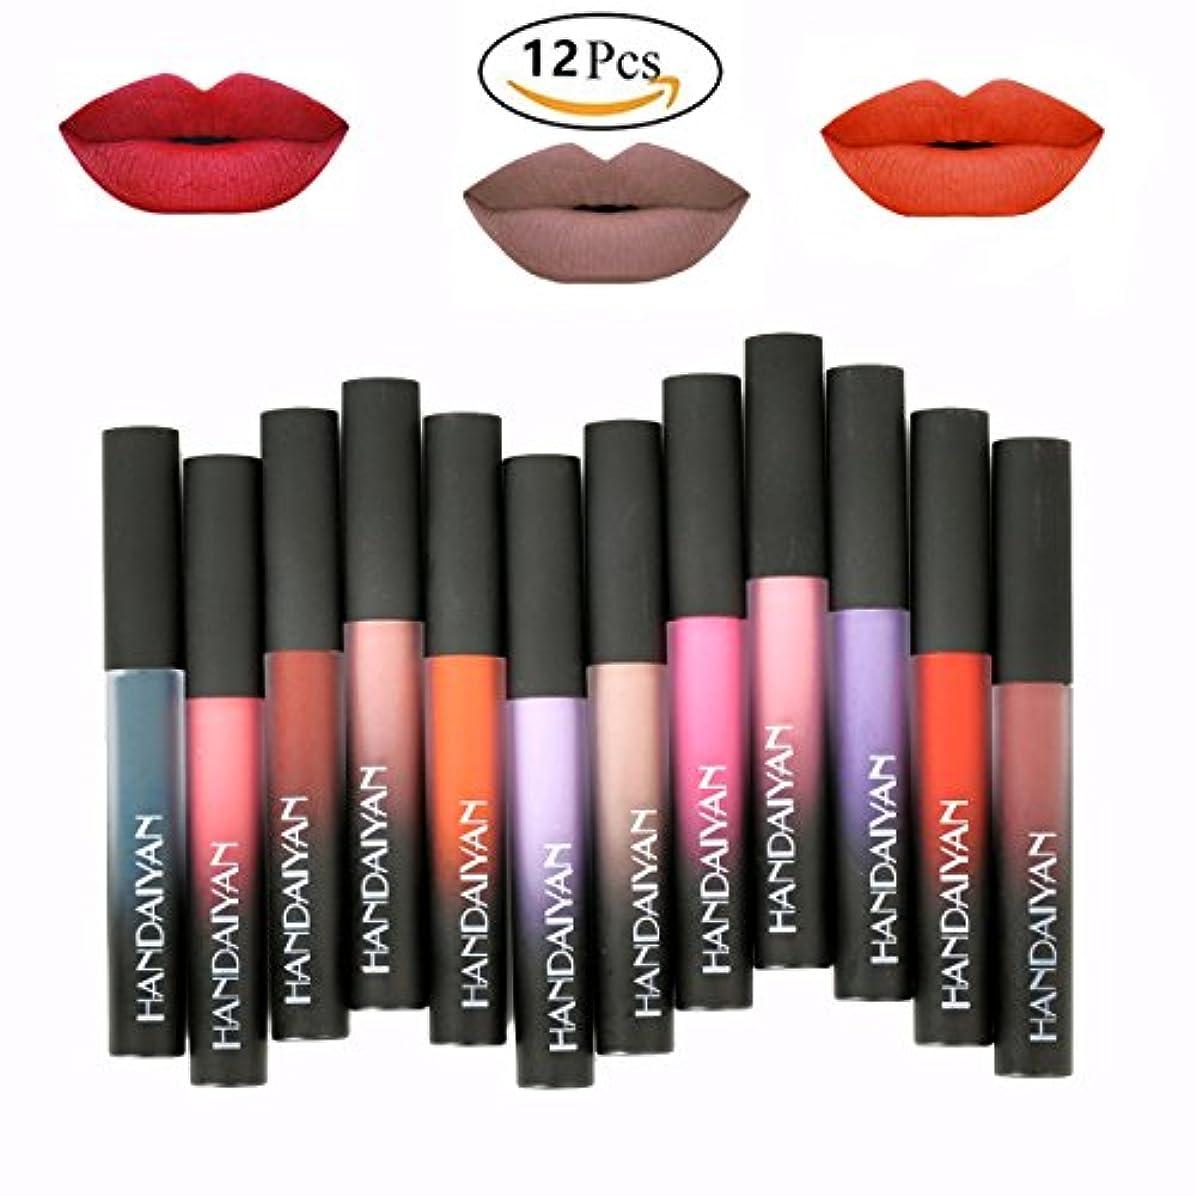 る閉塞12 Colors Waterproof Long Lasting Durable Matte Liquid Lipstick Beauty Lip Gloss   Sexy Fashionable Colors Lipsticks...